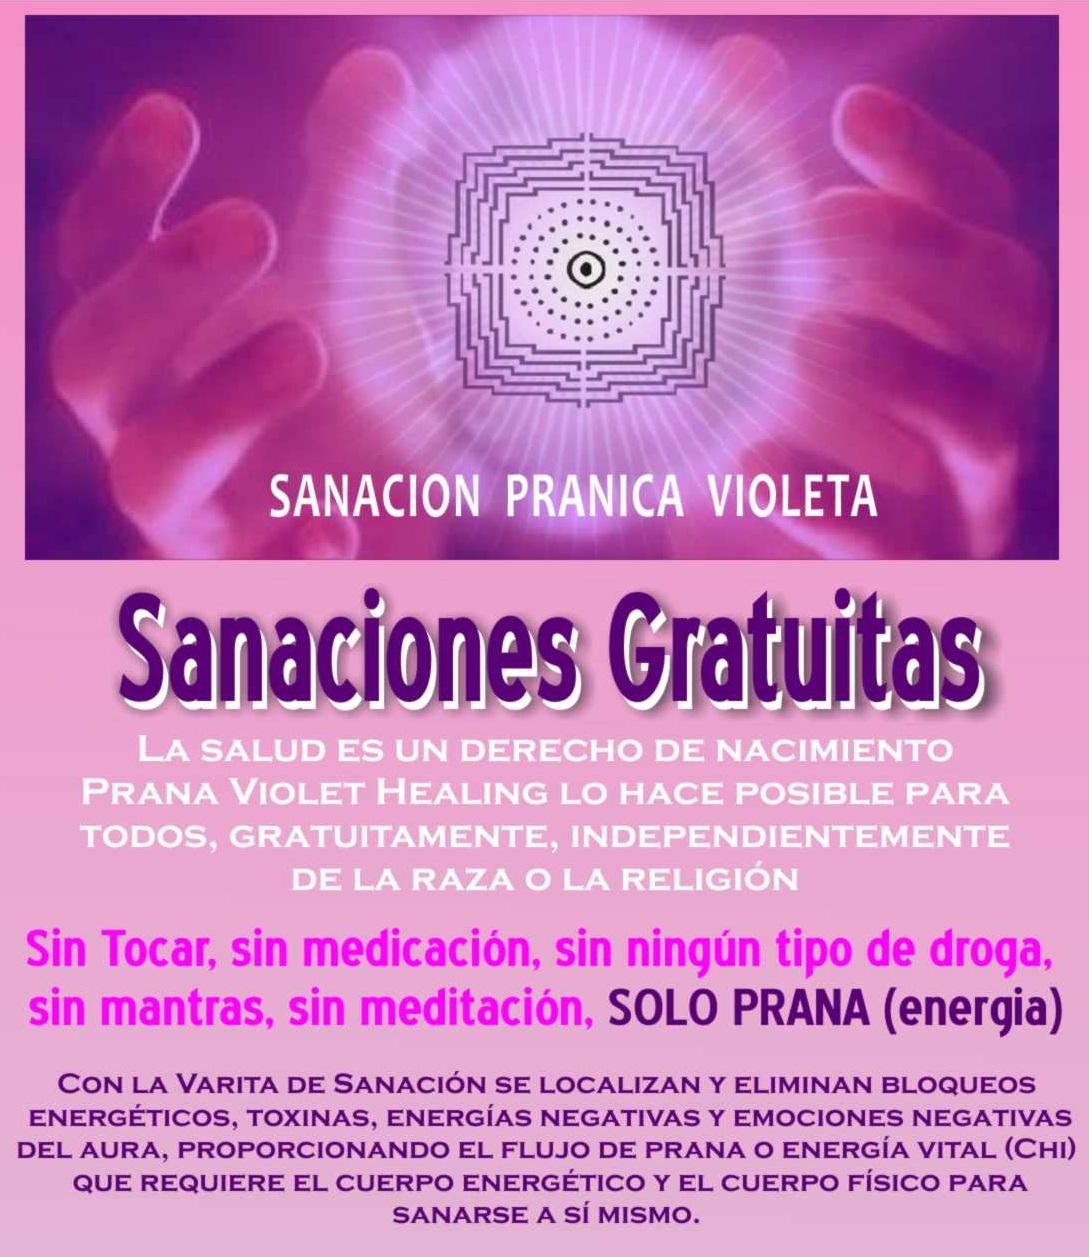 sanaciones gratuitas prana violet healing